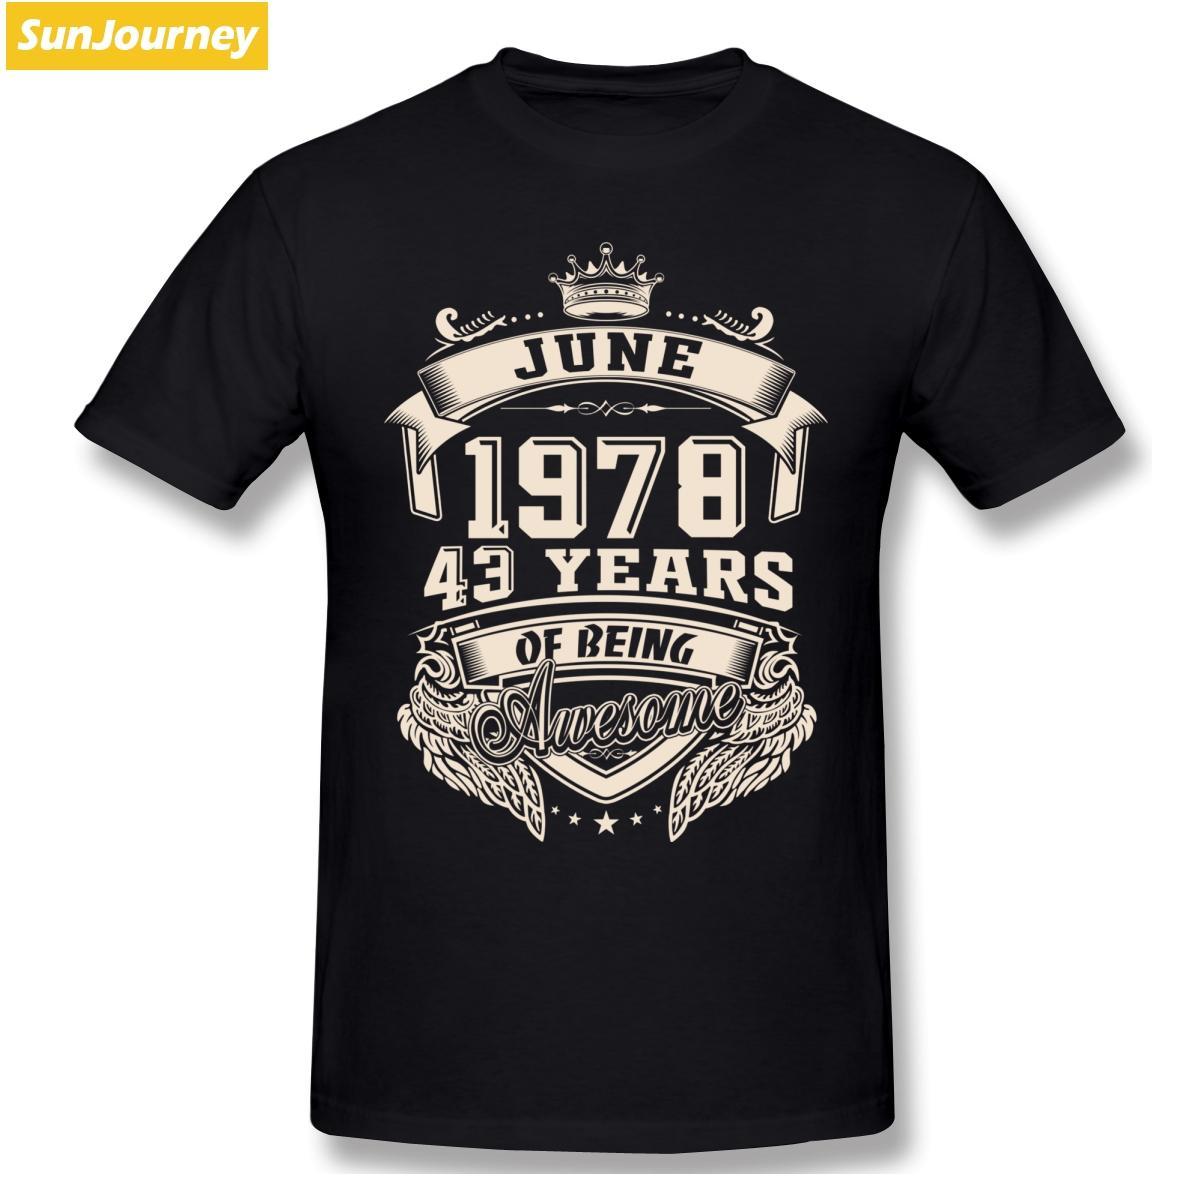 Nato nel giugno del 1978 43 anni di essere Shirt T Impressionante Plus Size cotone manica corta T Shirt personalizzata Homme